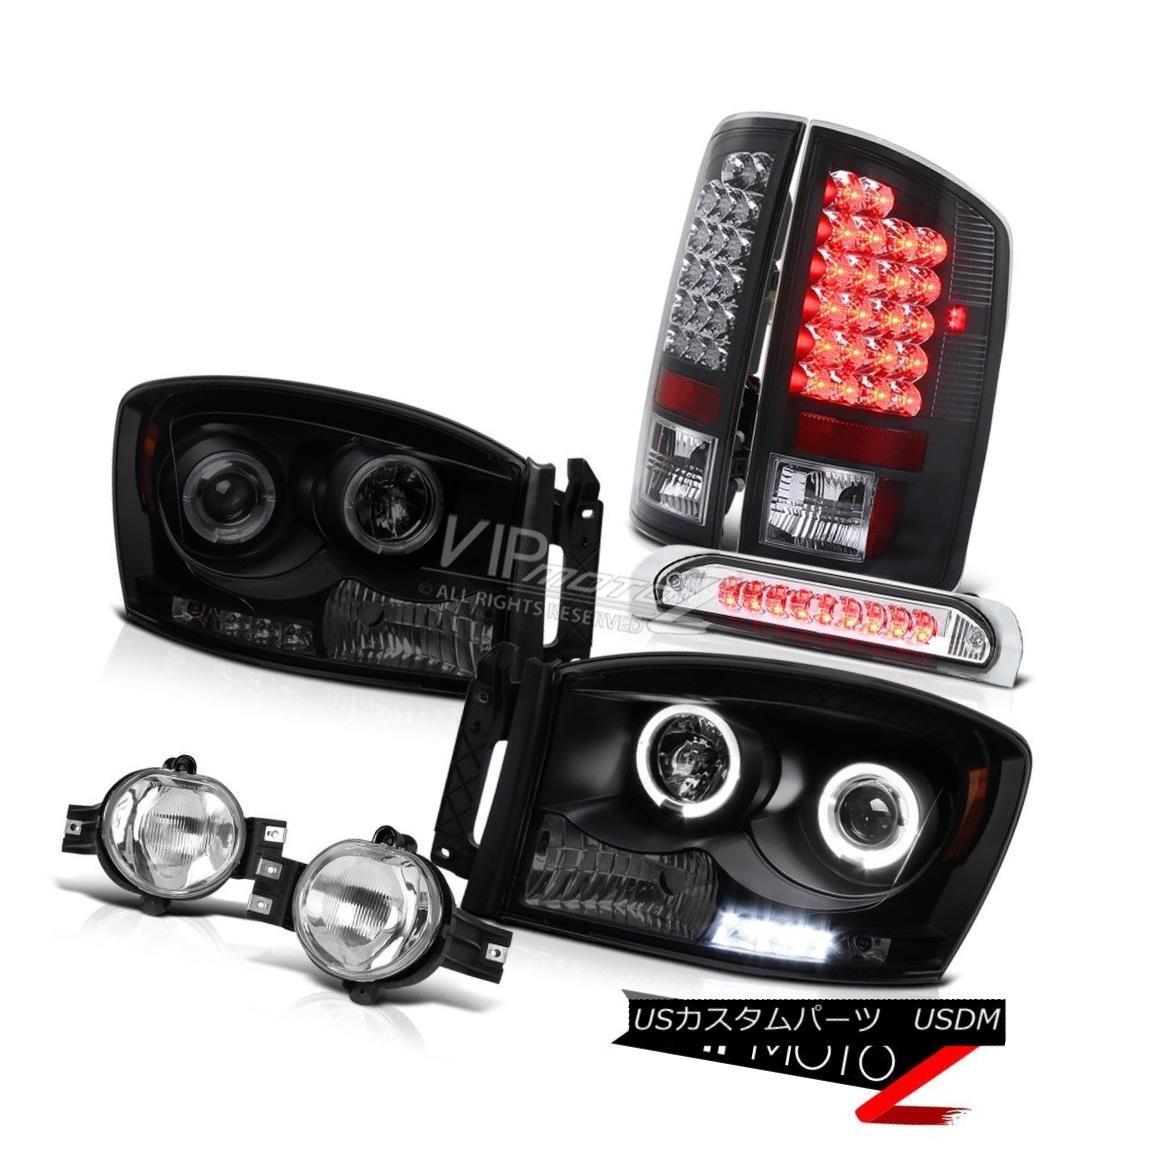 ヘッドライト Dual Halo Headlight LED Taillight Foglamp Third Tail Lamp Ram 1500 Laramie 07 08 デュアルヘイローヘッドライトLEDテールライトFoglamp第3テールランプラム1500ララミー07 08